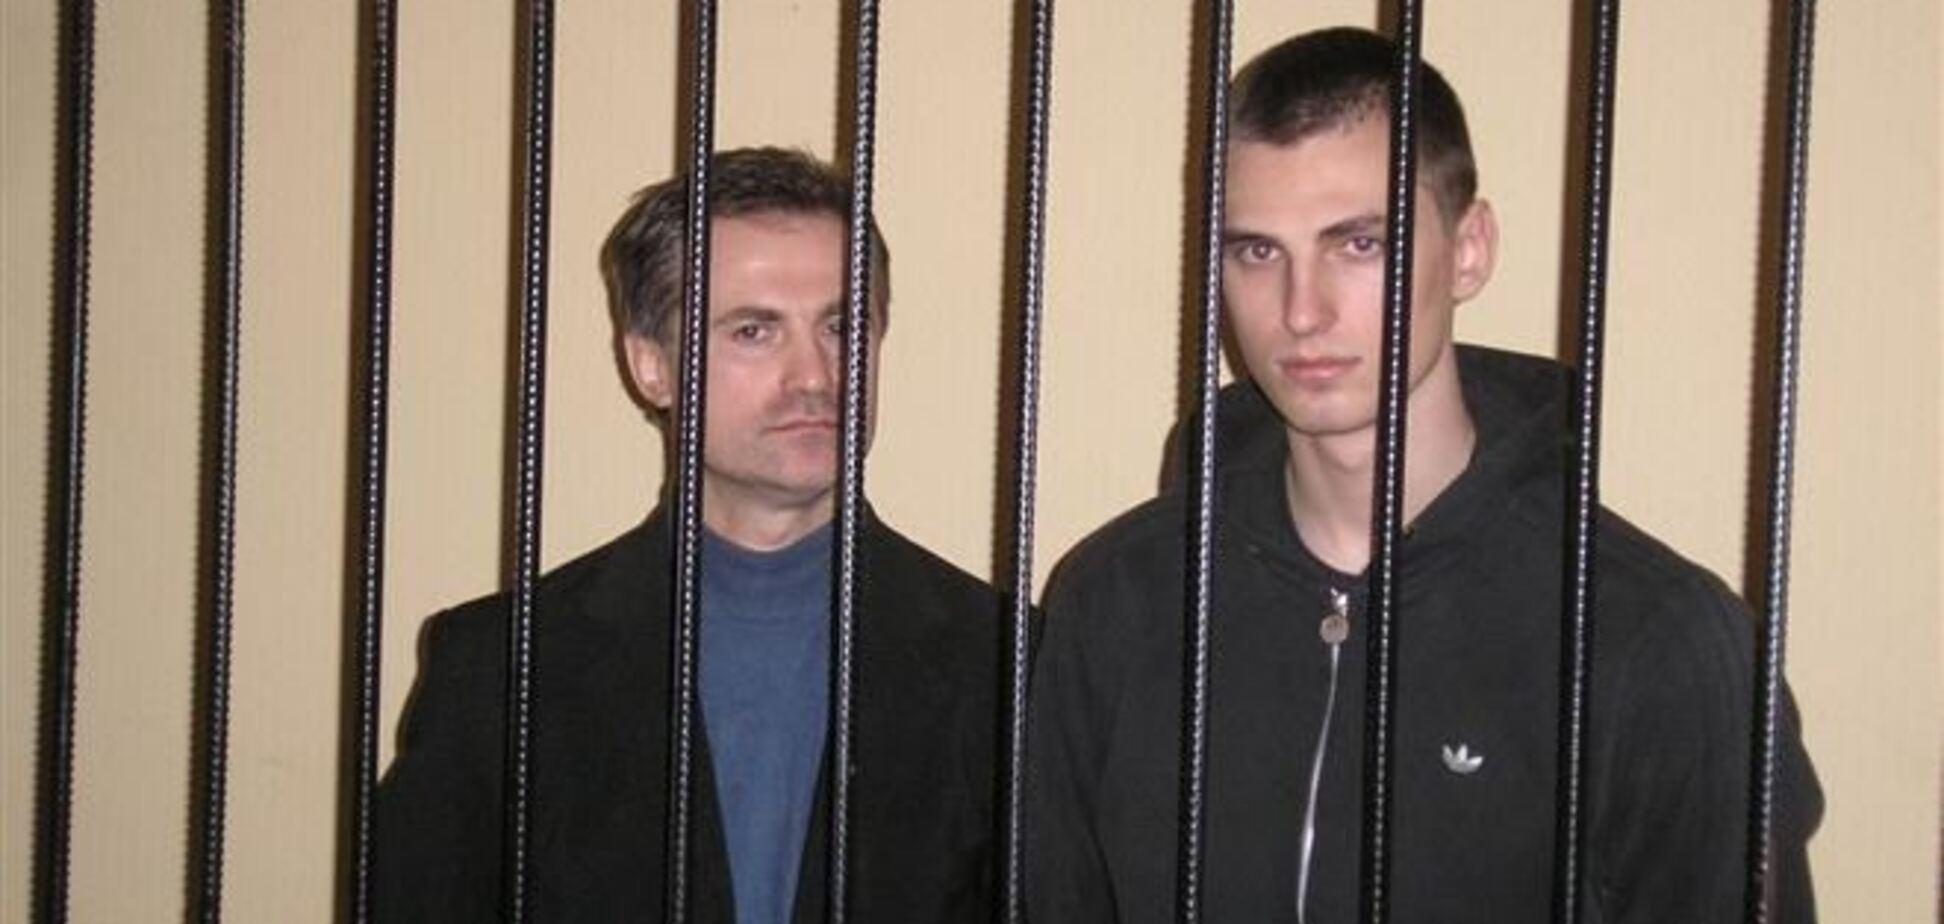 ВССУ оставил приговор отцу и сыну Павличенко без изменений